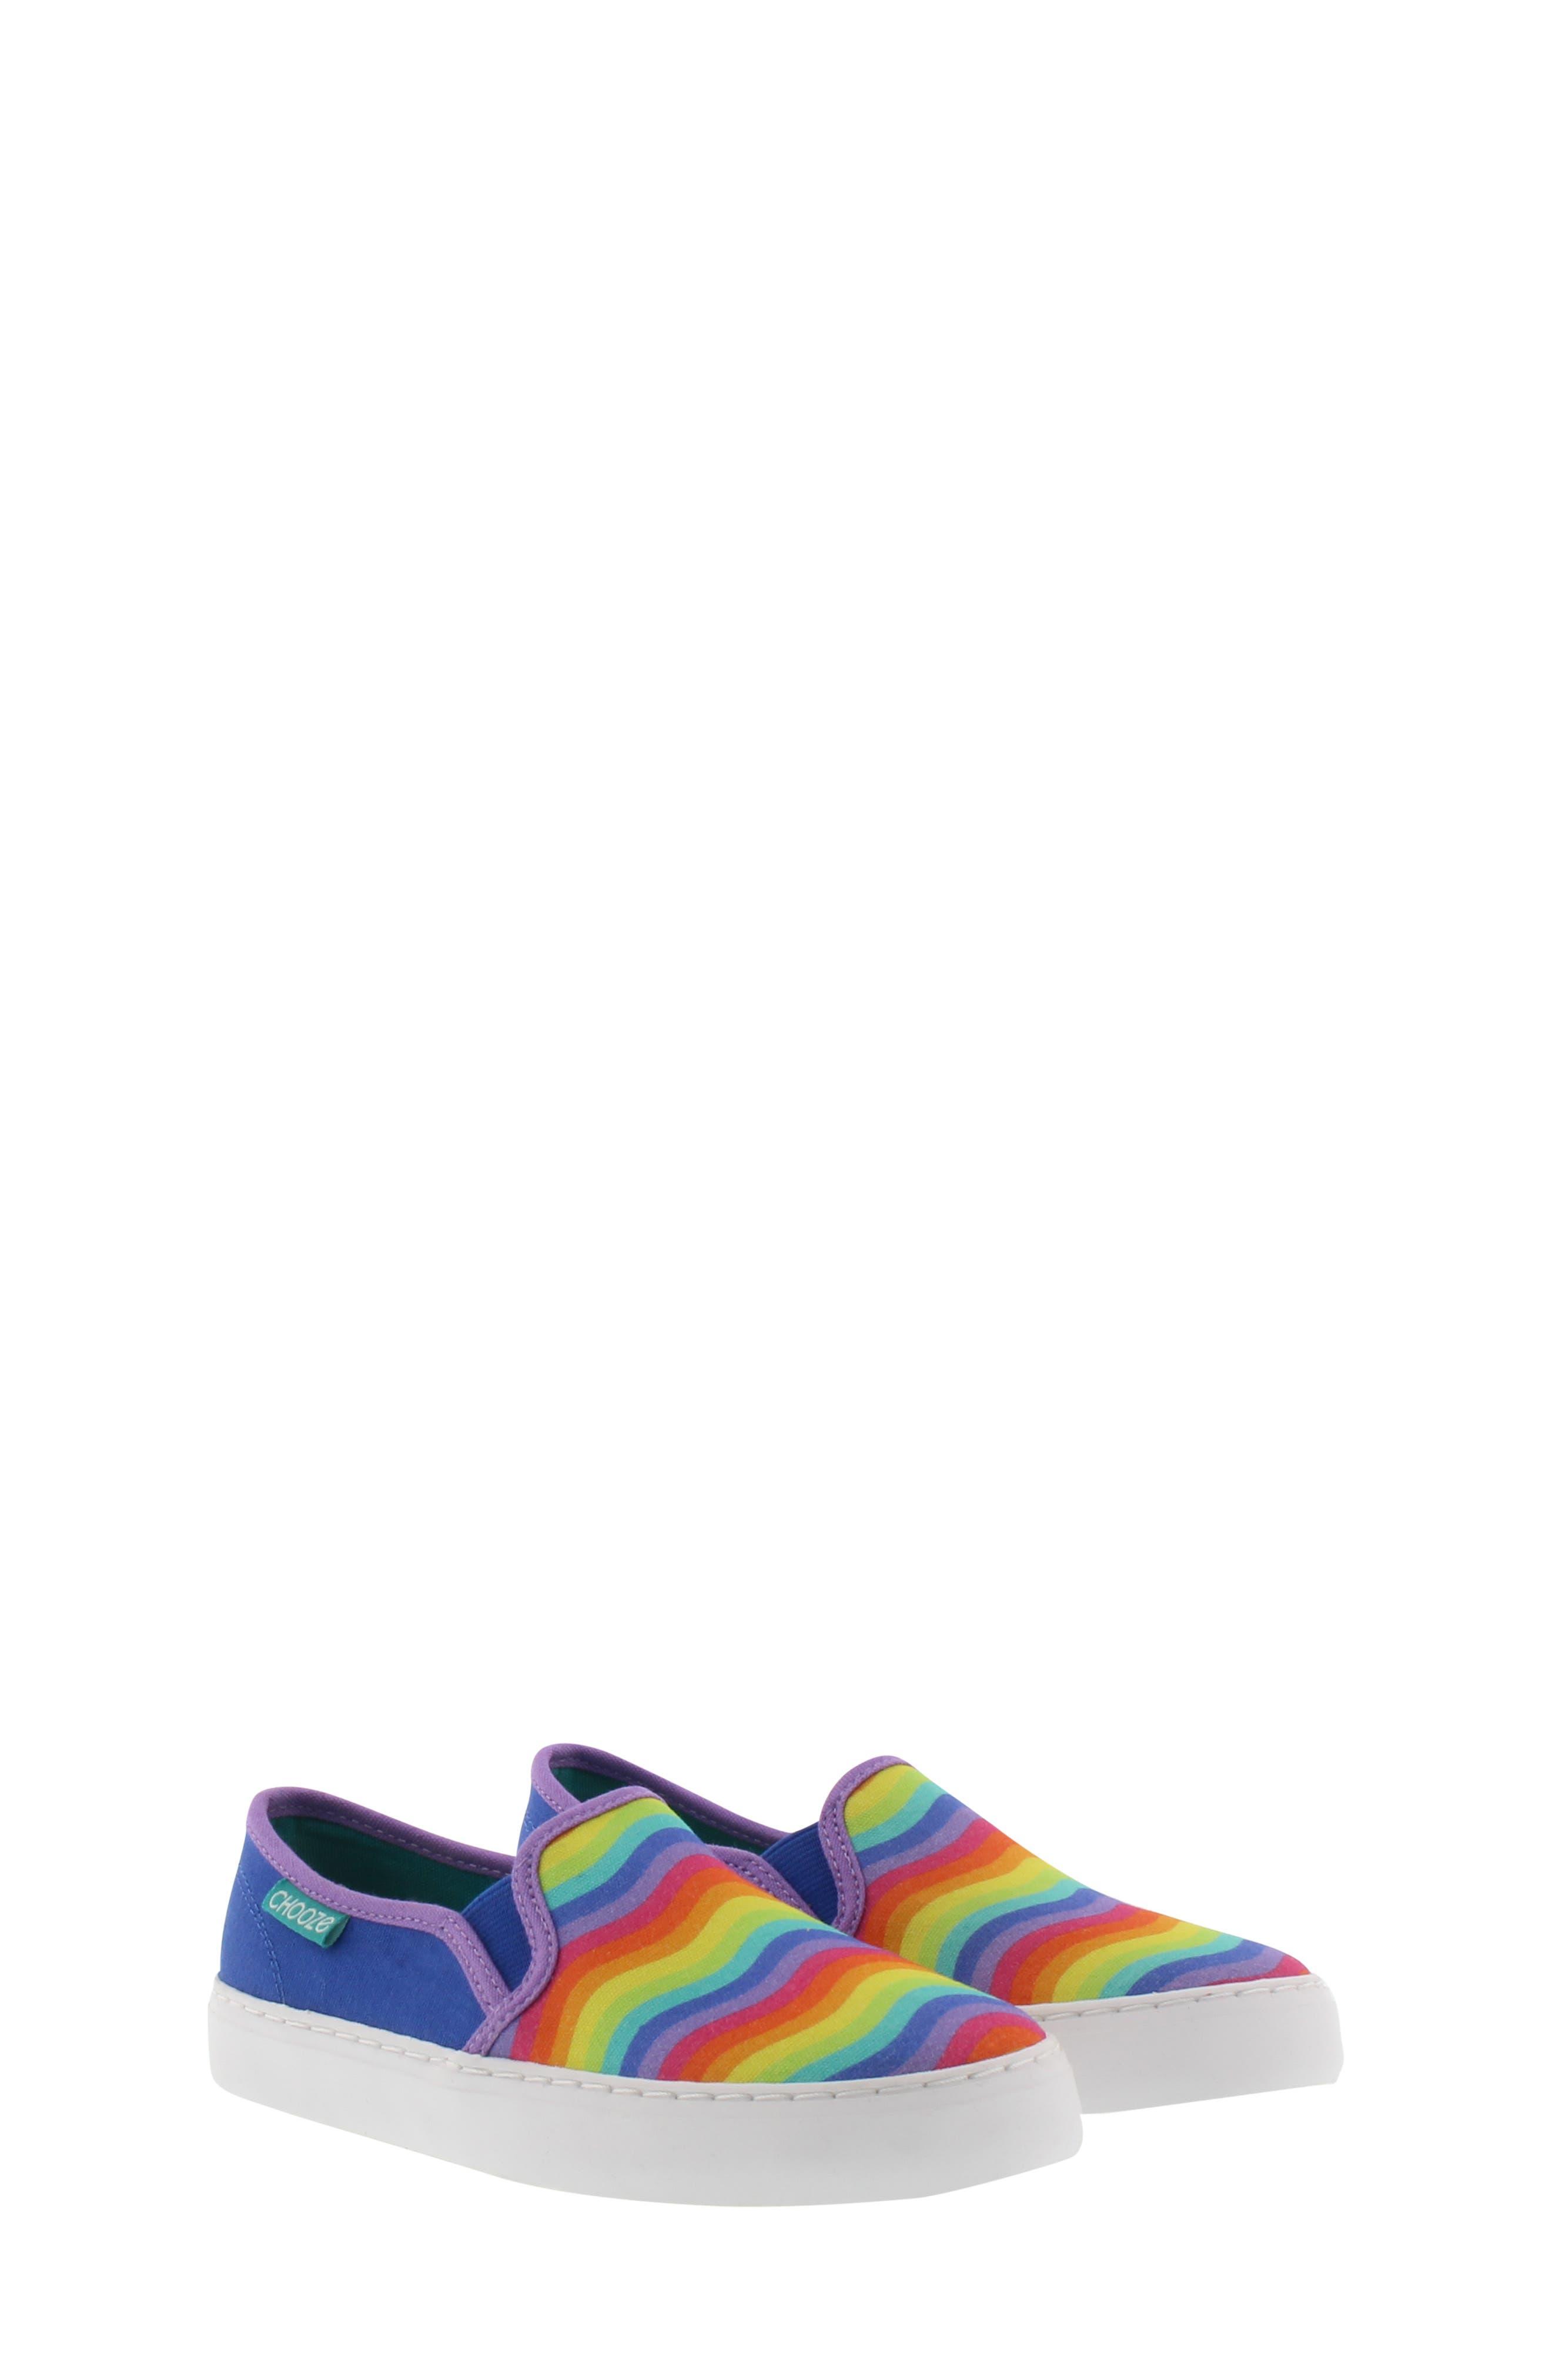 Motion Slip-On Sneaker,                         Main,                         color, BLUE MULTI